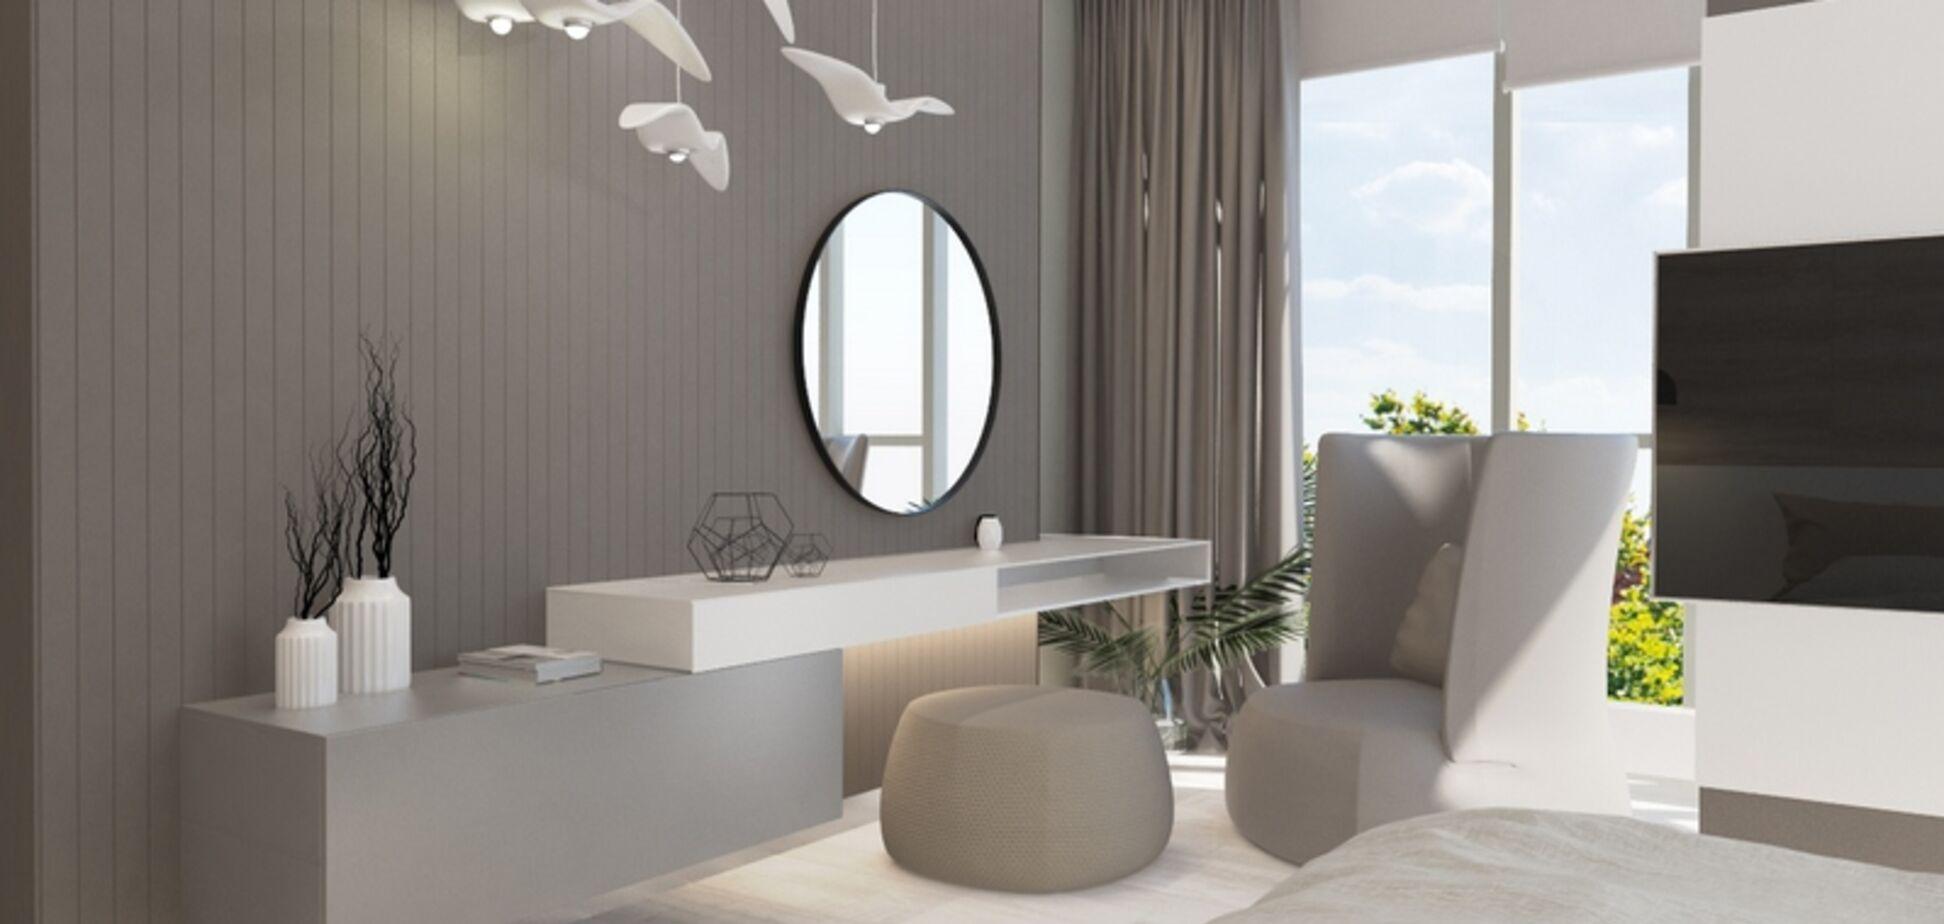 Студия дизайна квартир 'Белик' расширяет услугу авторского надзора